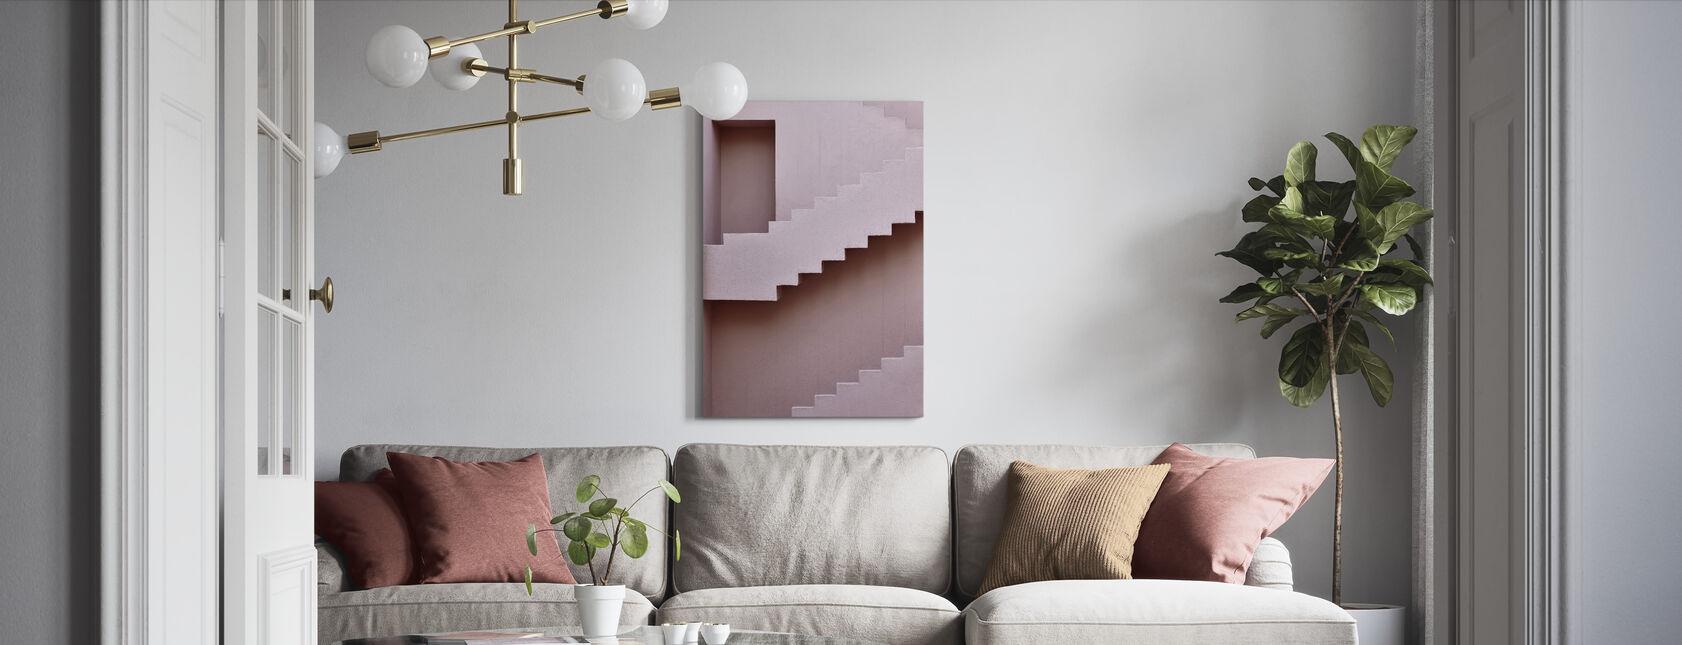 Volgend niveau - Canvas print - Woonkamer